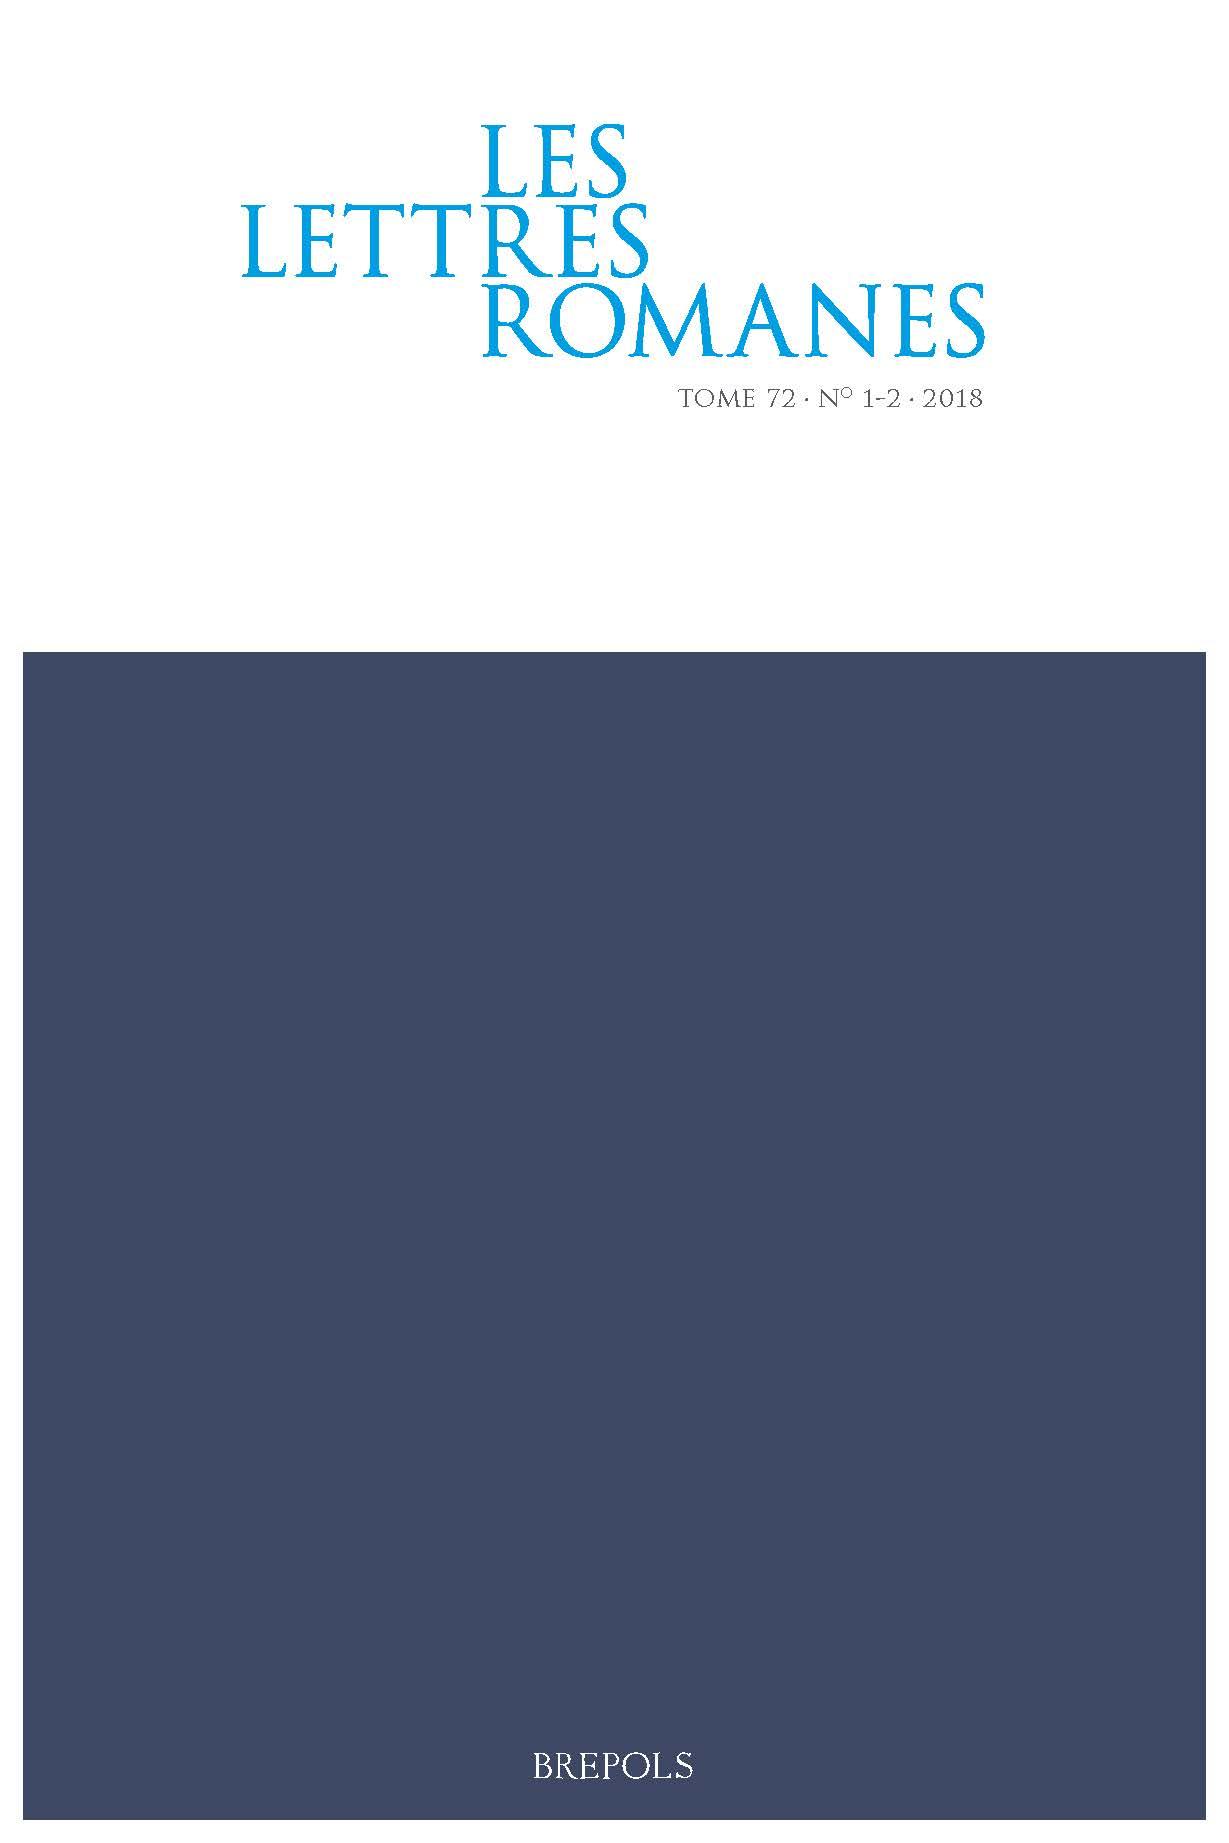 Les Lettres romanes, n° 72.1-2 (2018)